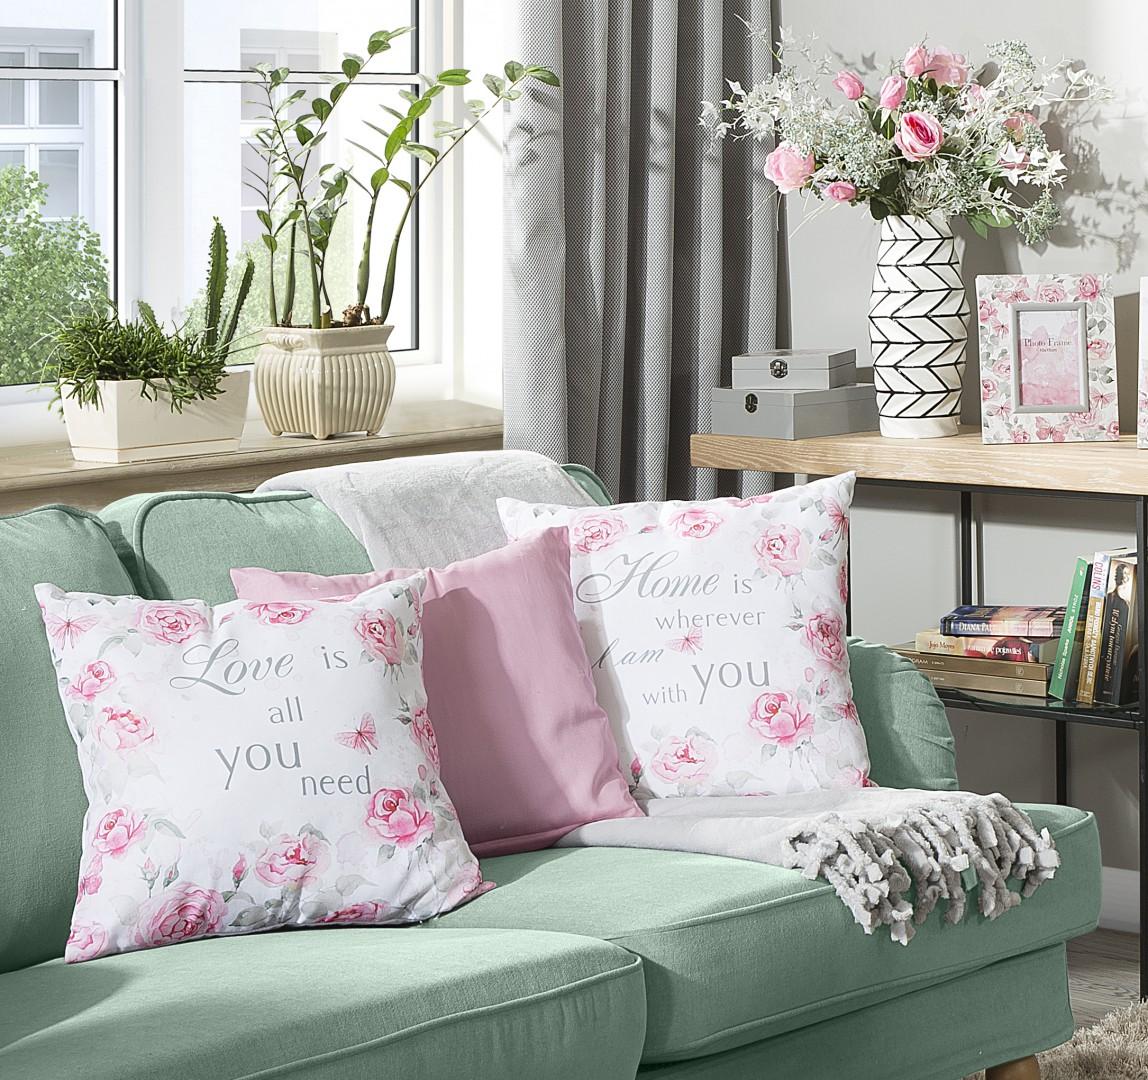 Haftowane i pastelowe poduszki pomogą w stworzeniu przytulnego nastroju. Fot. Eurofirany